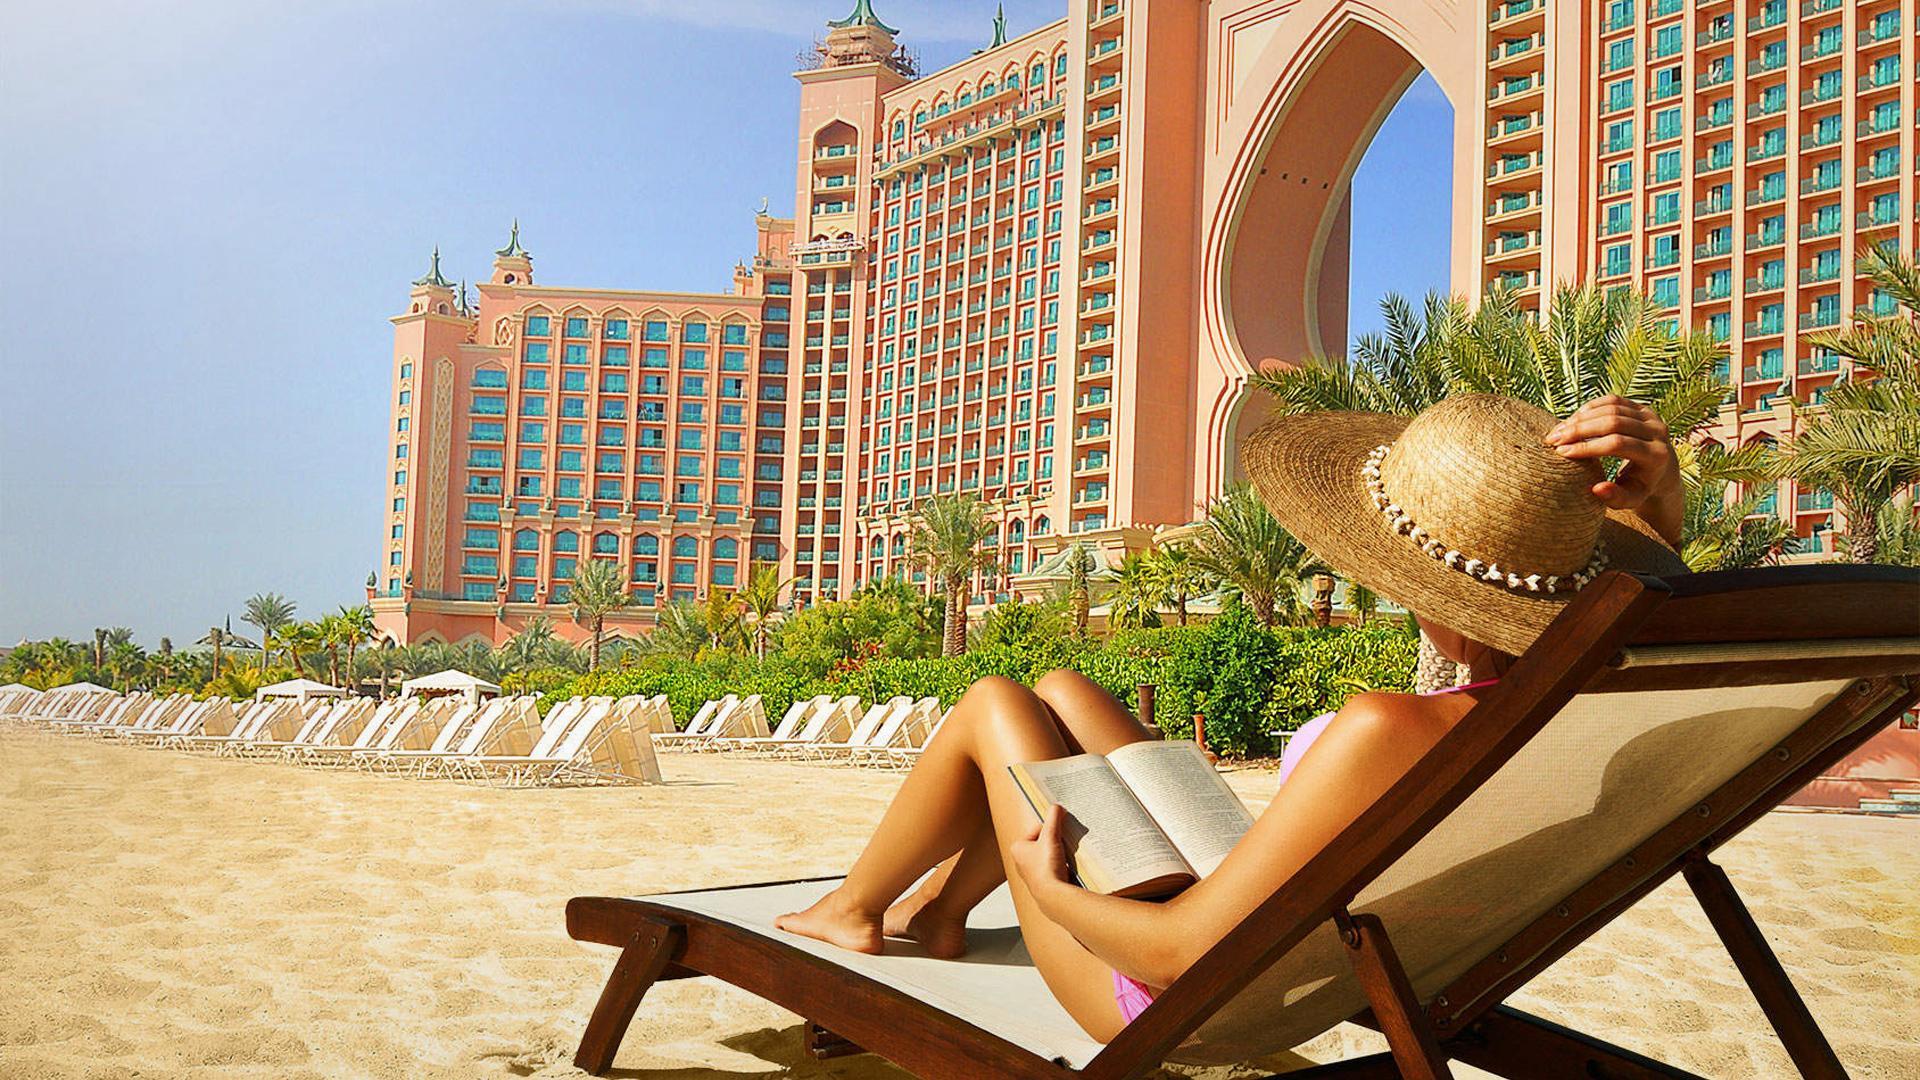 Los 10 hoteles de lujo más fotografiados en Instagram